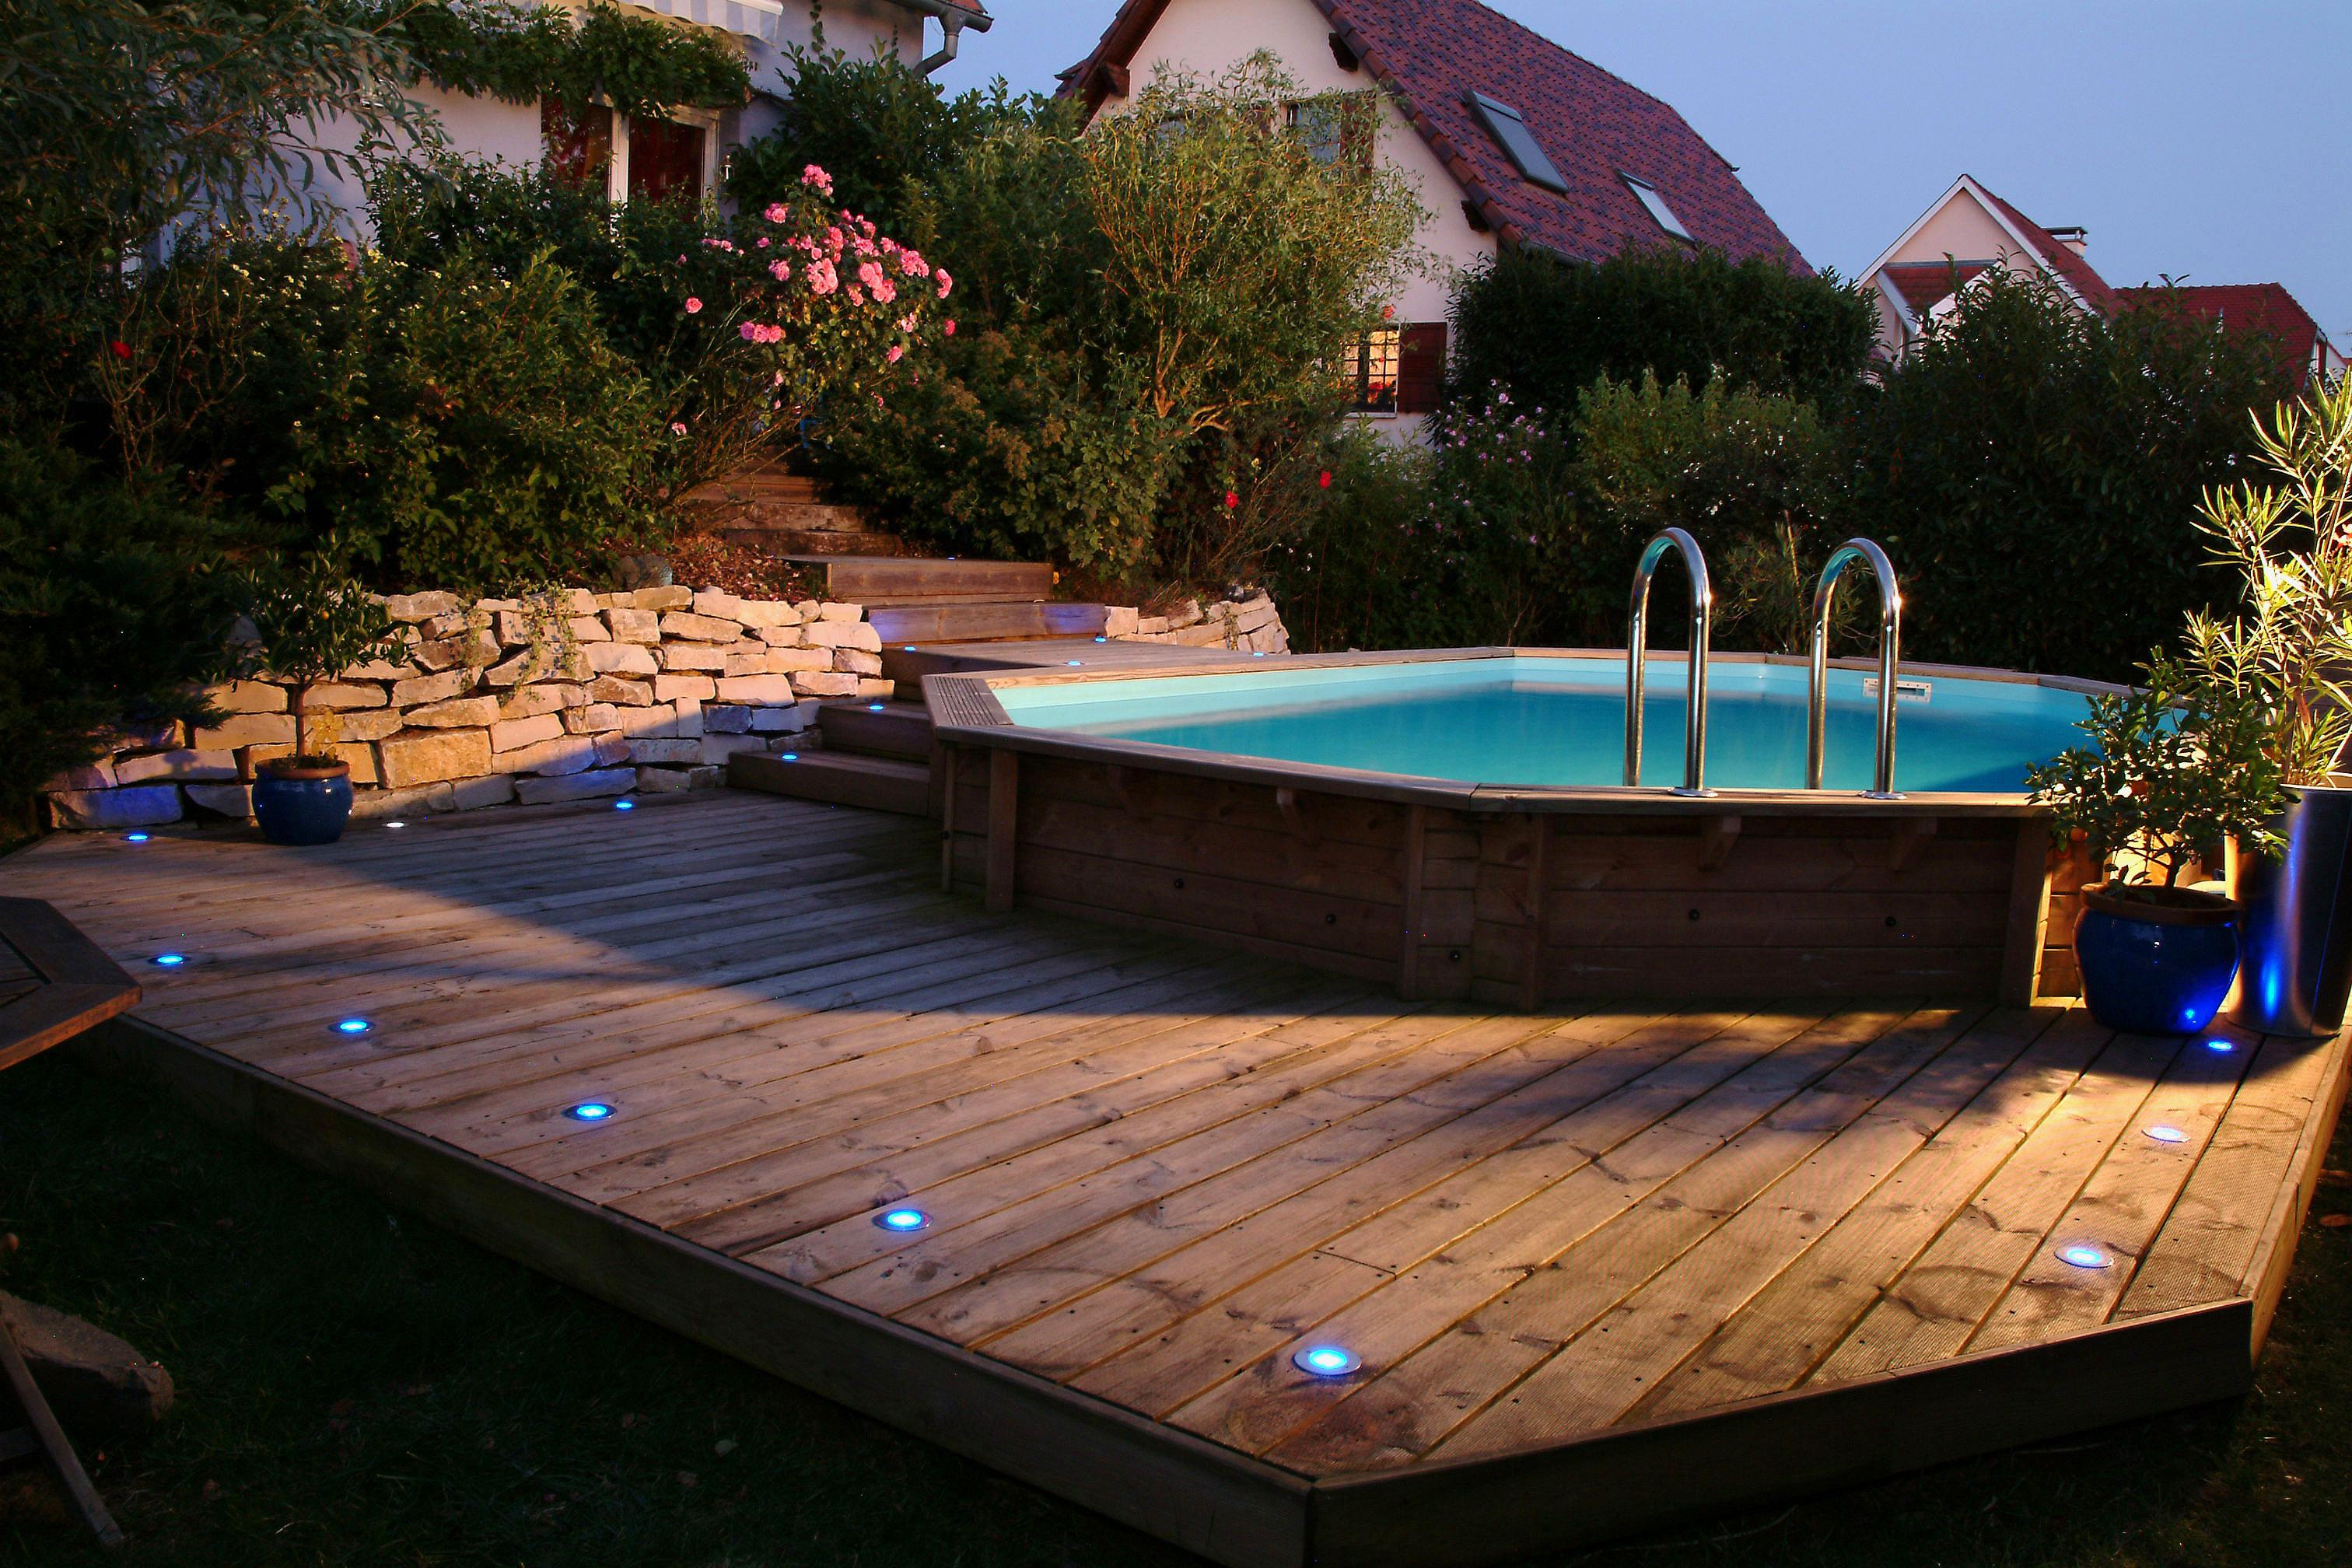 Piscine En Palette De Bois ubbink piscine en bois maldives 490 x 300 x 120 cm - liner